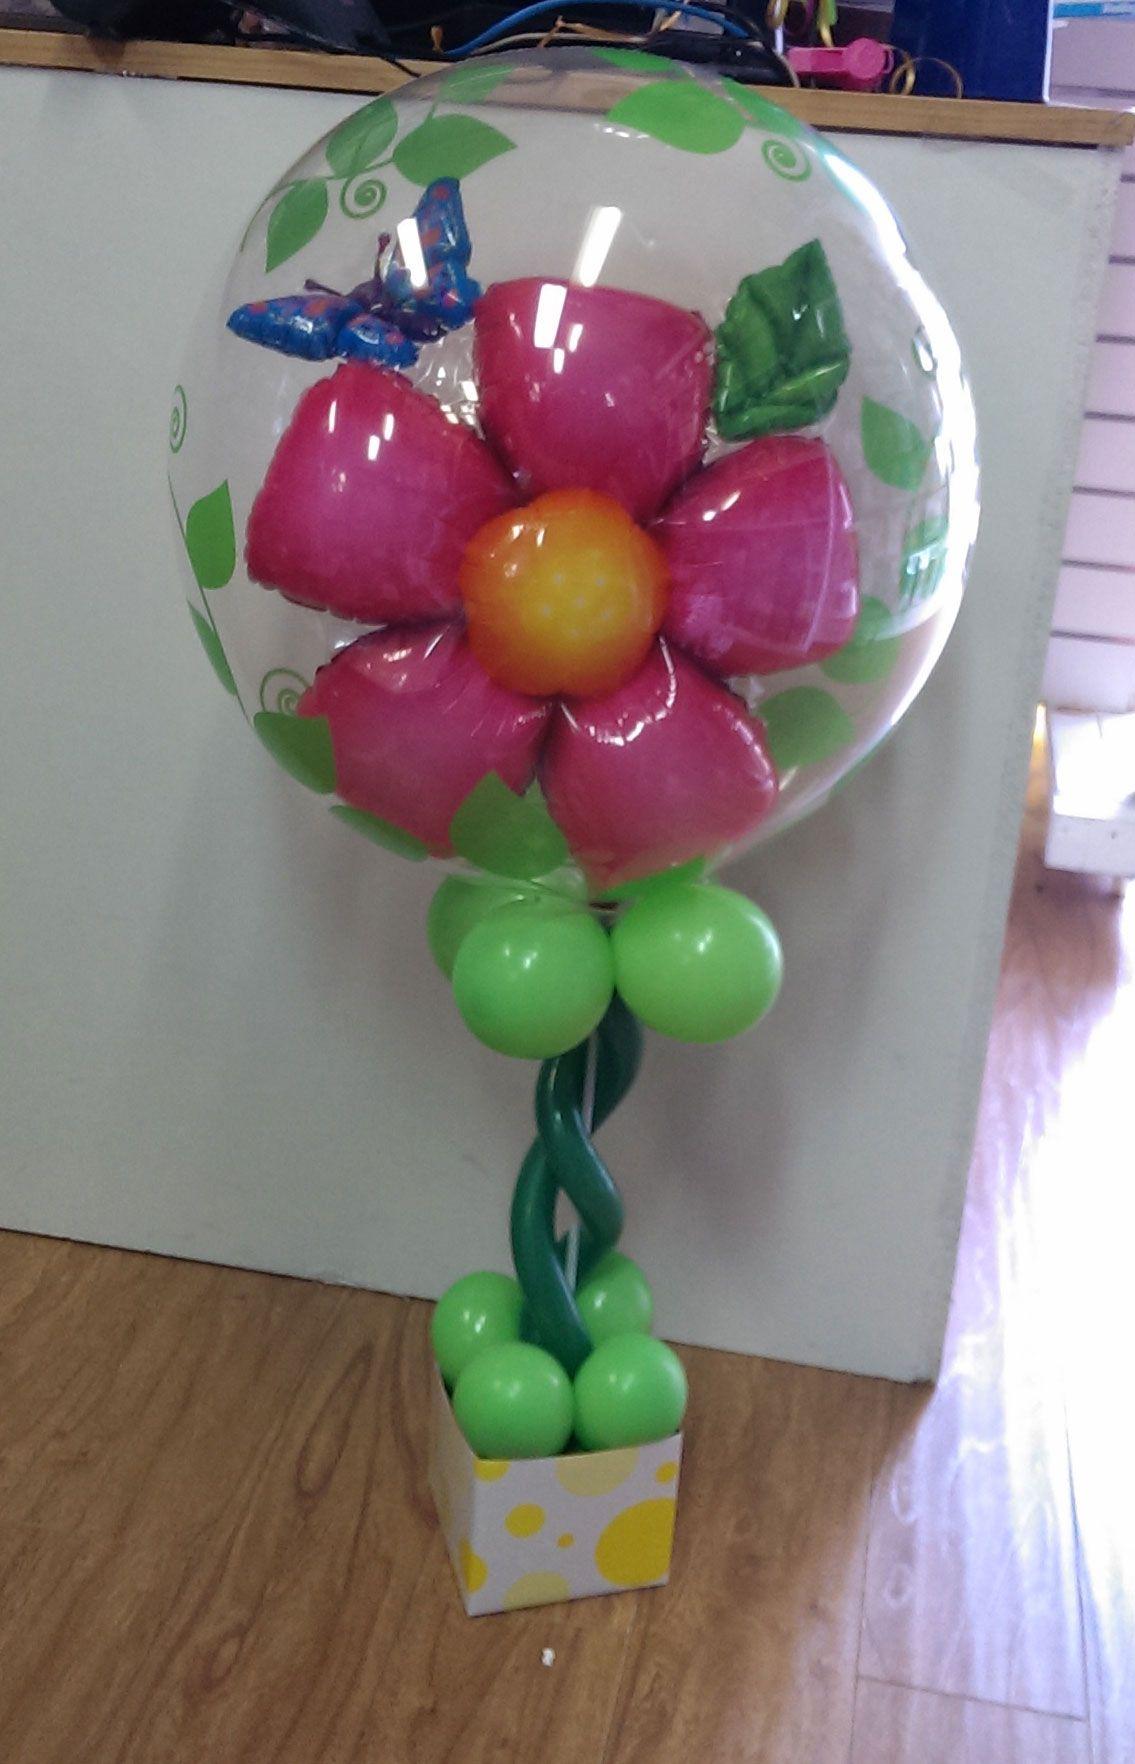 Flower table arrangement using qualatex double bubble